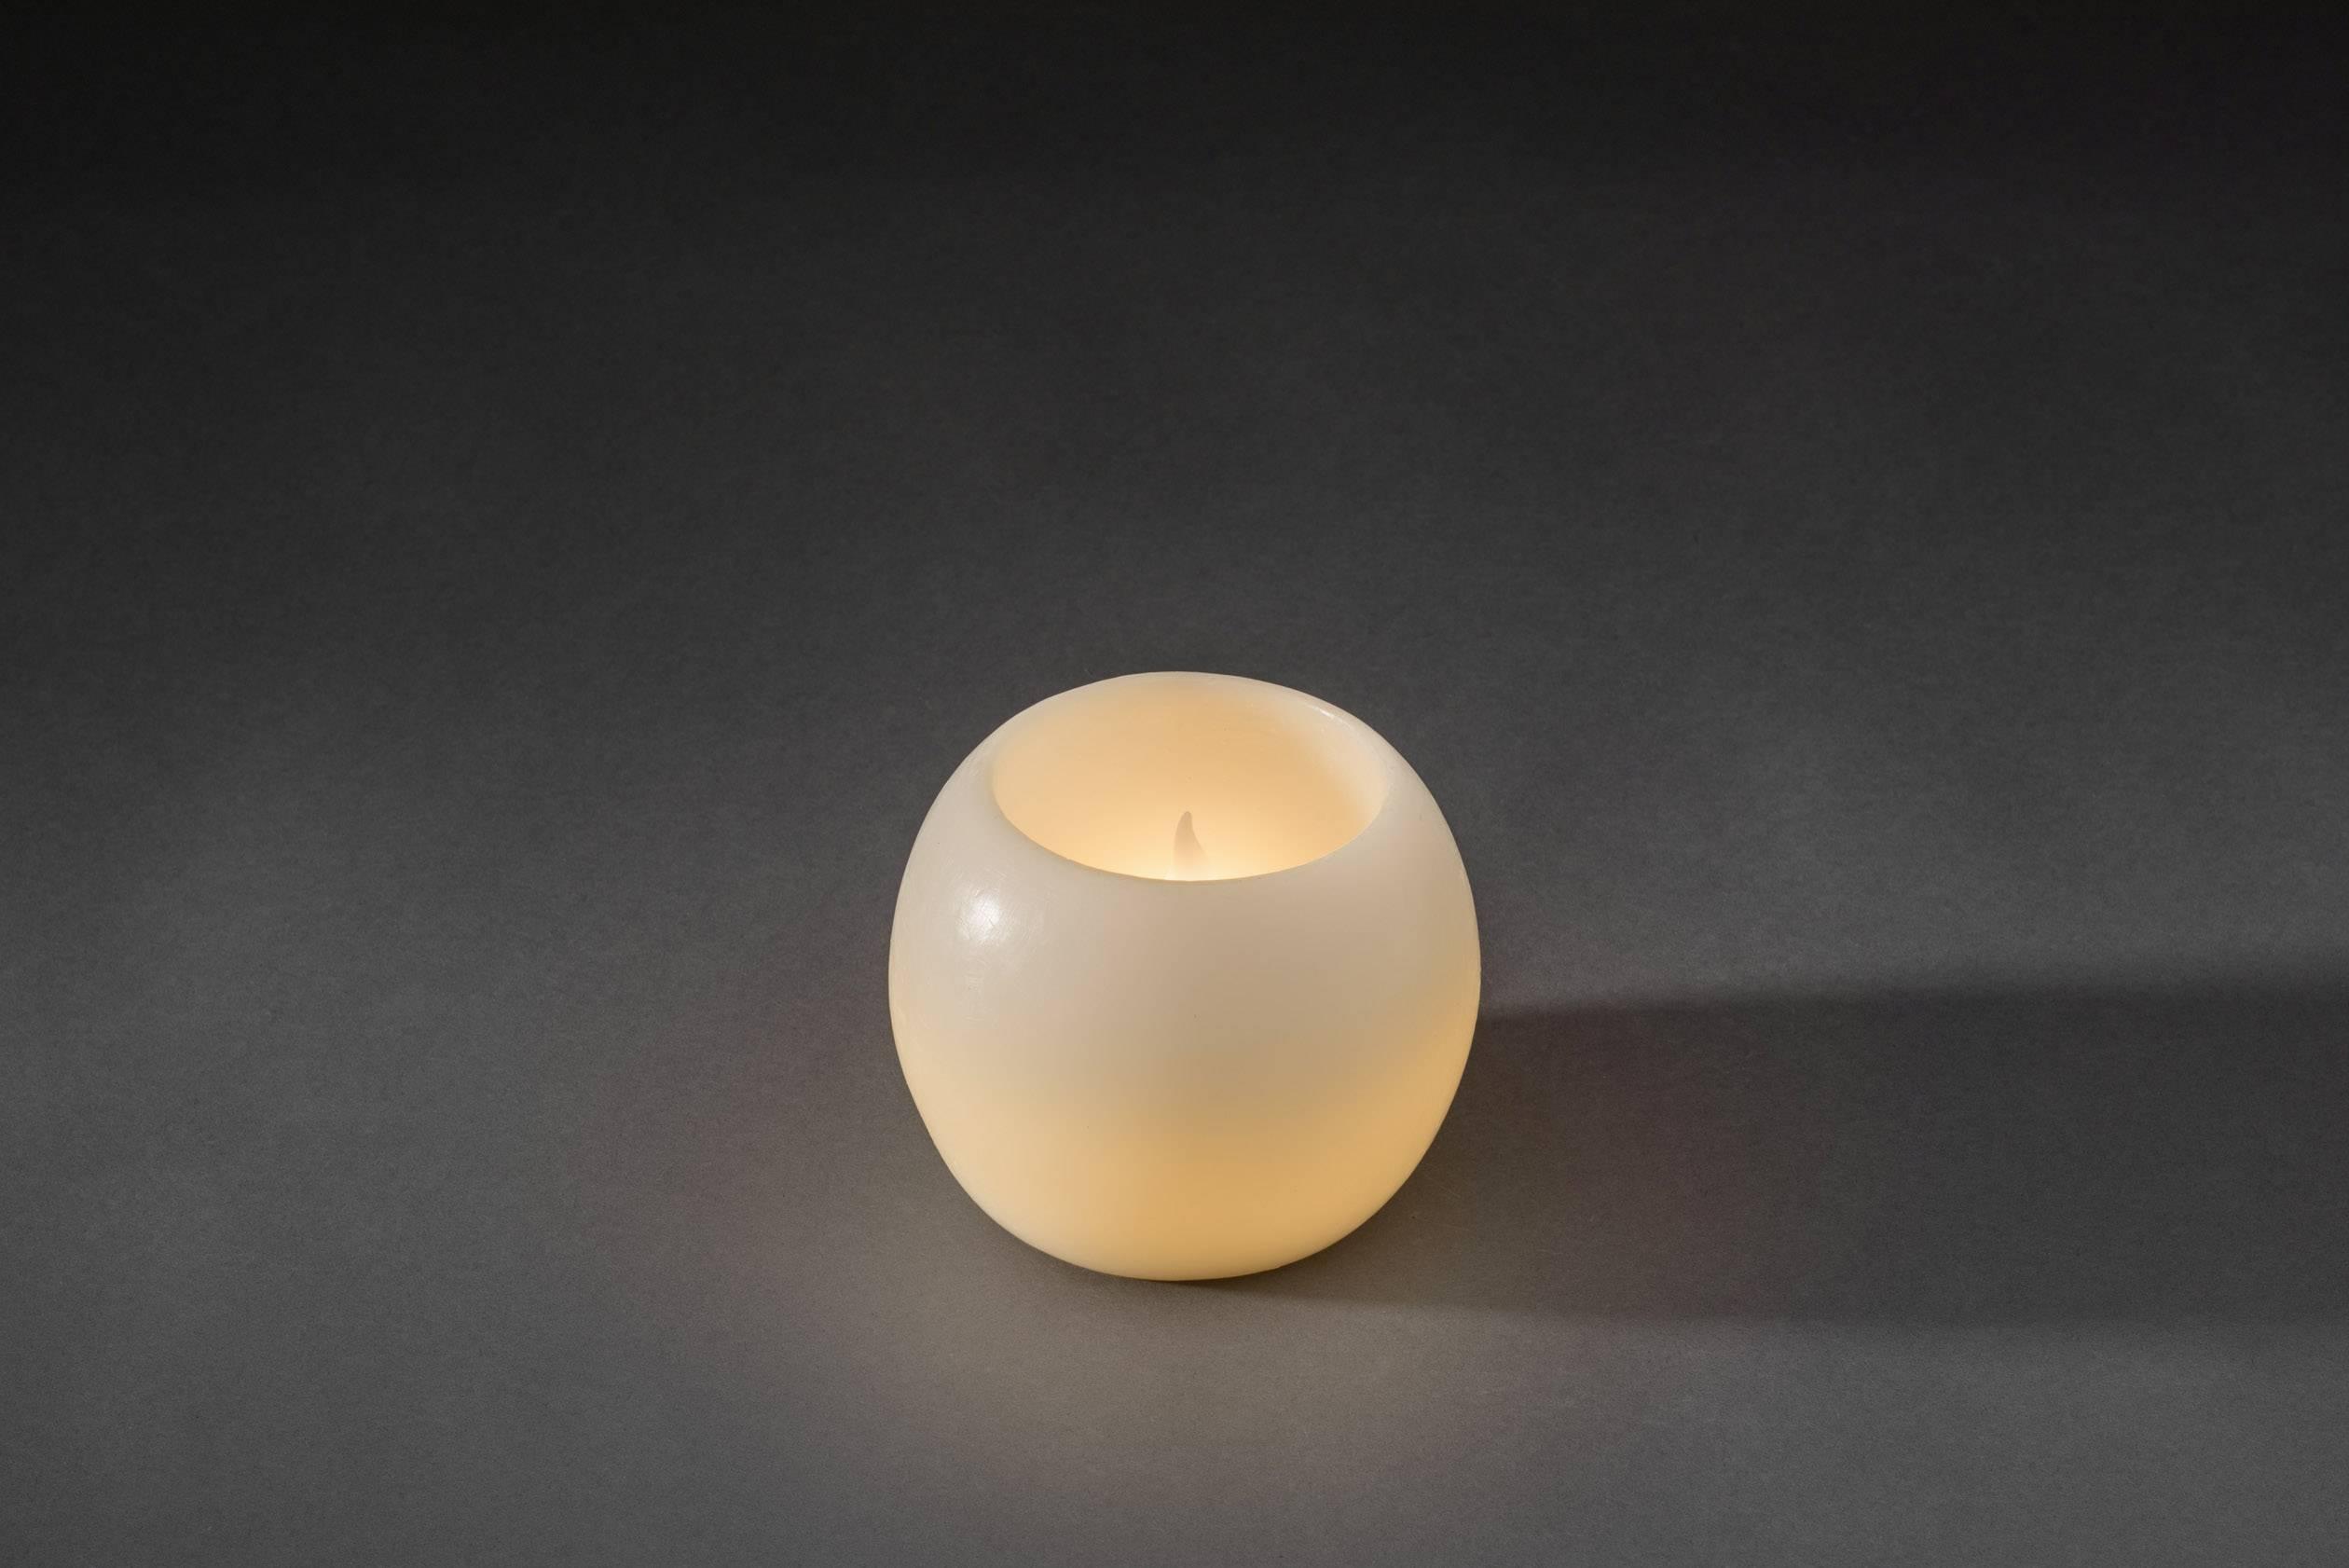 LED vosková svíčka bílá Konstsmide 1964-100 teplá bílá